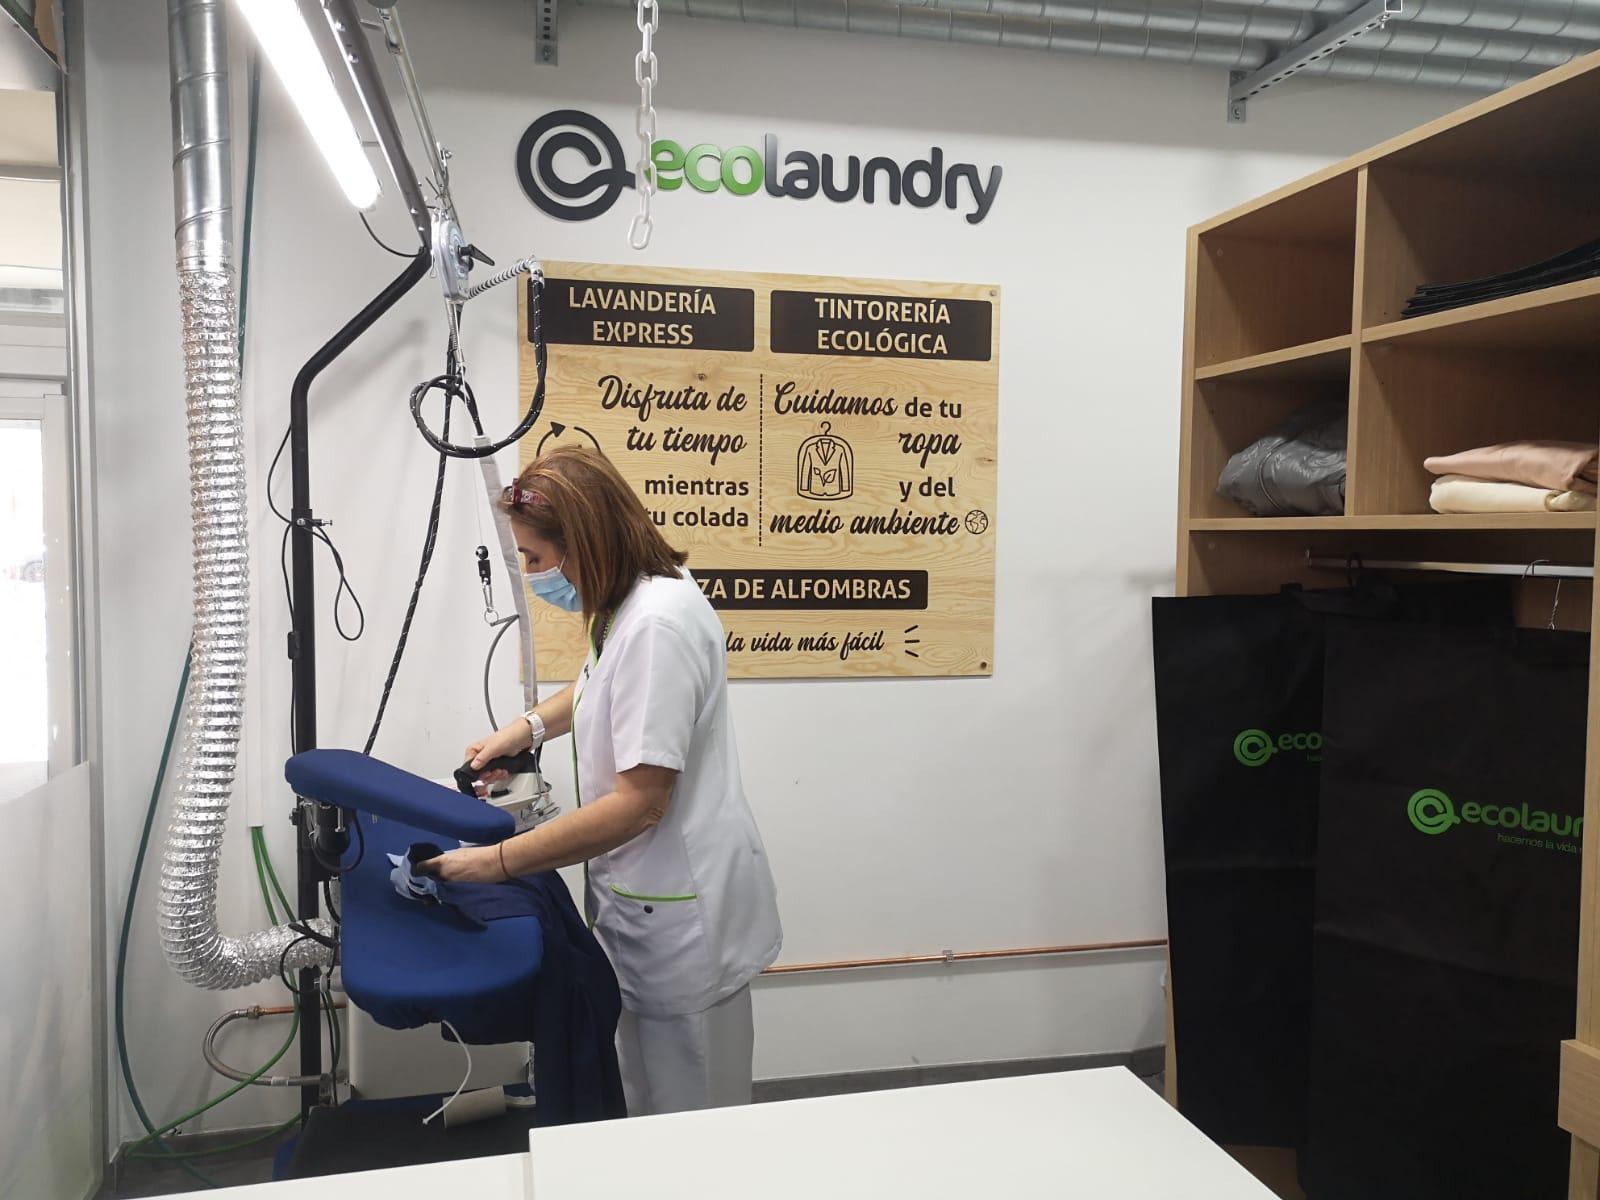 Ecolaundry lavanderia ecologica